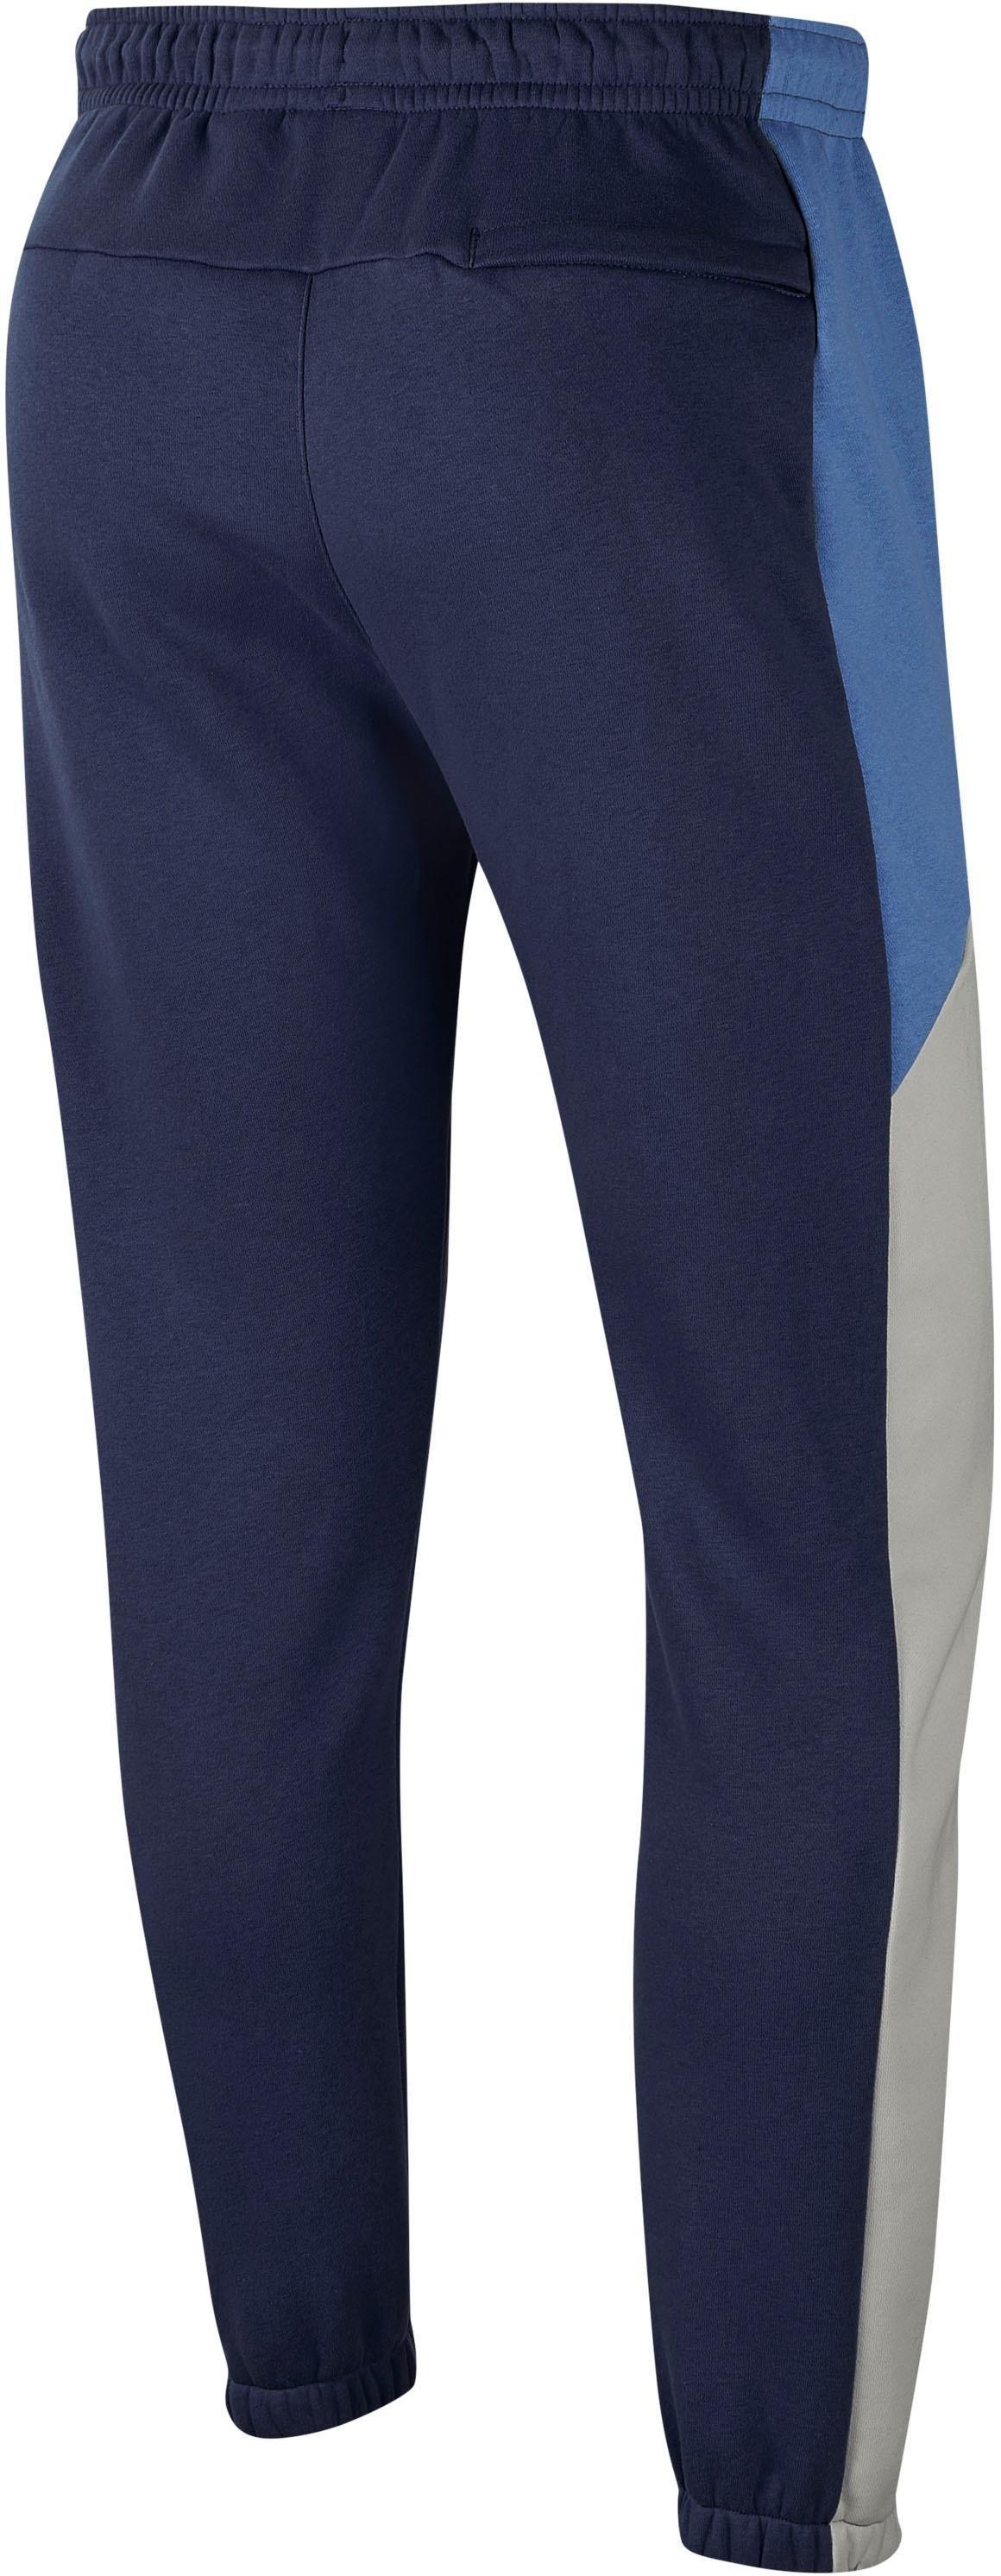 Nike Sportswear joggingbroek »Nike Sportswear Men's Color-Block Pants« goedkoop op otto.nl kopen